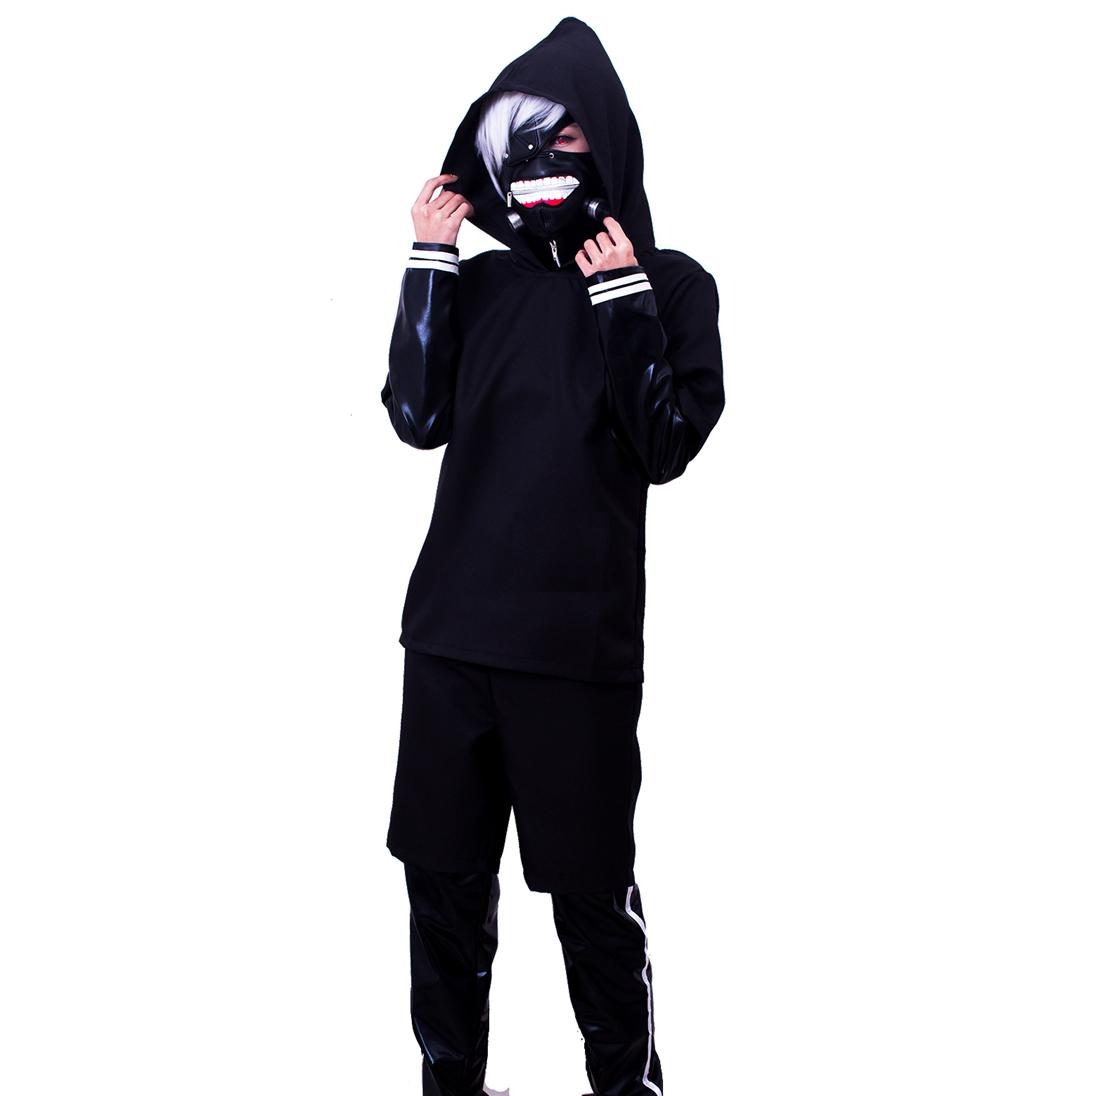 Tokyo ghoul ken cosplay